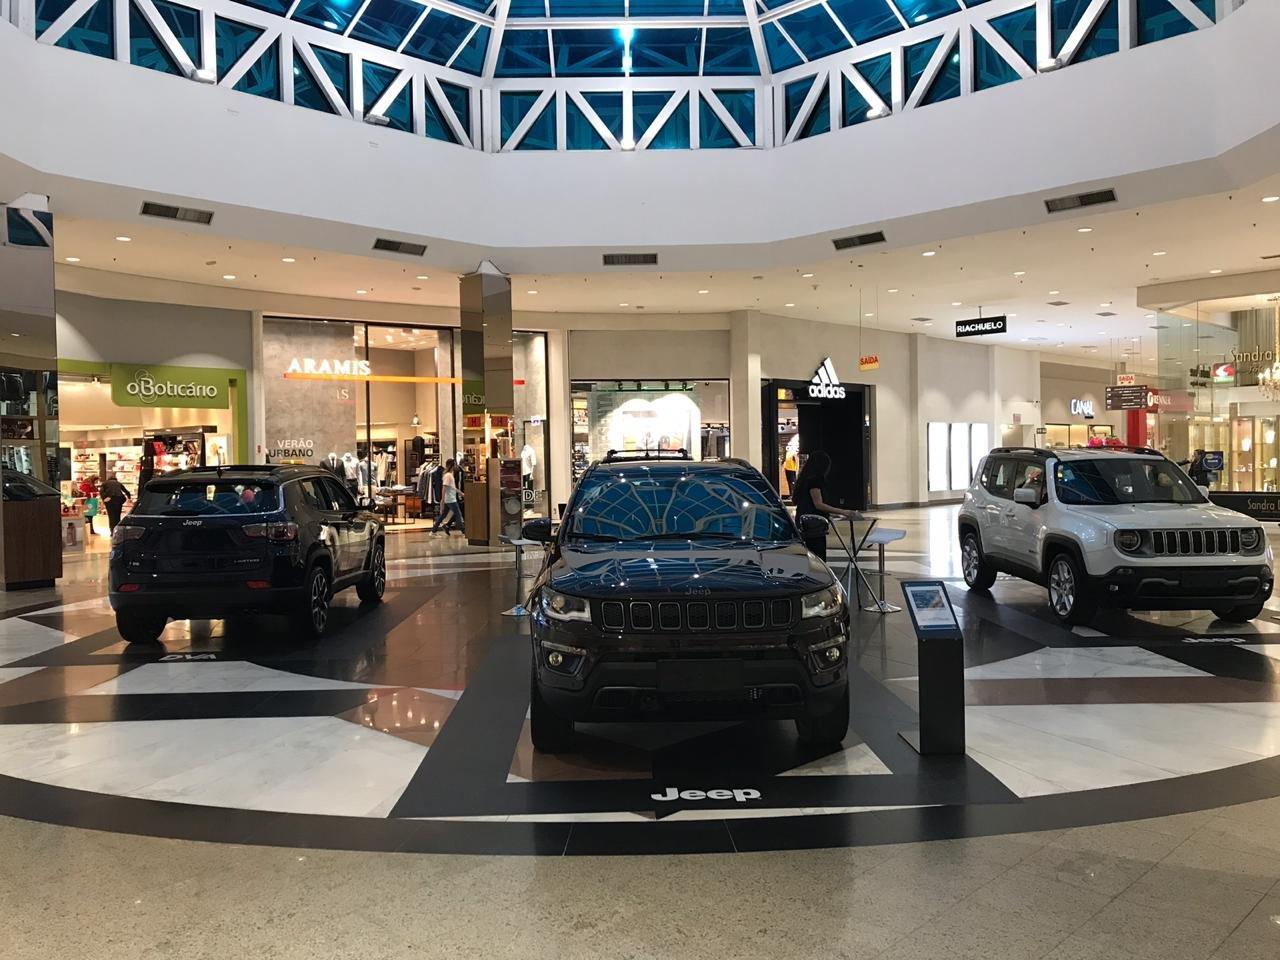 Espírito Jeep invade o Neumarkt Shopping, em Blumenau